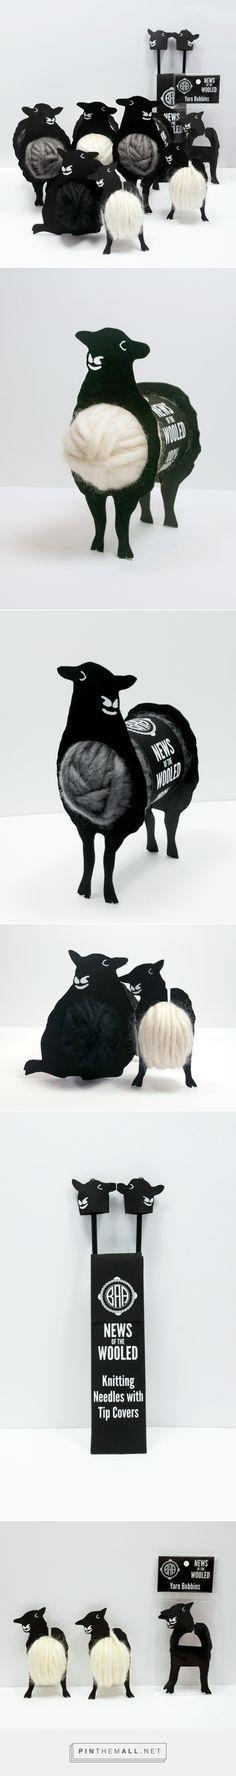 Muy original!! Felicitaciones a los creativos, se te dibuja una sonrisa viendo el #packaging de estas ovejas ;)